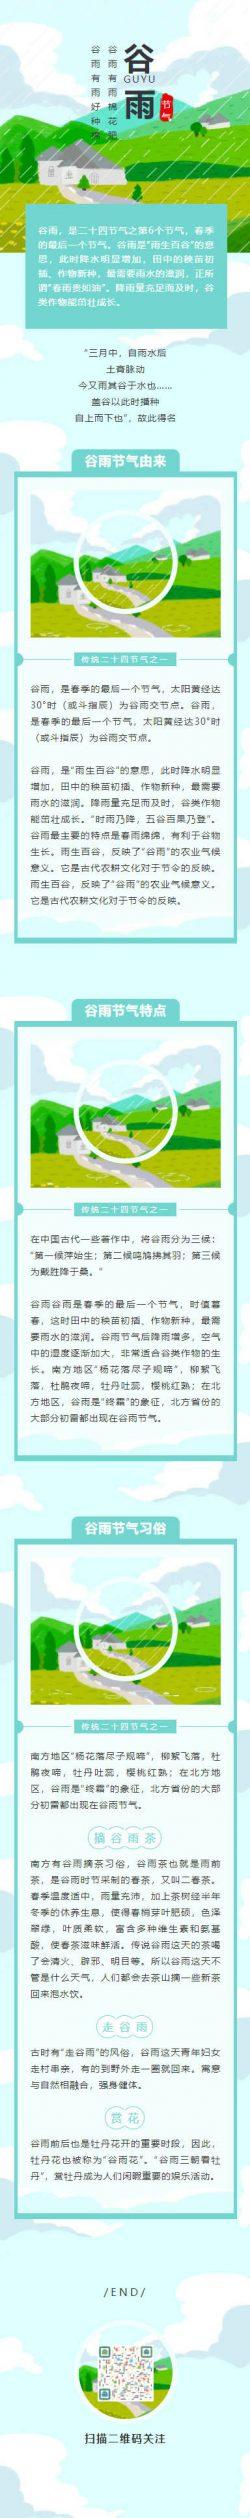 谷雨传统二十四节微信图文模板推送图文素材推文模板